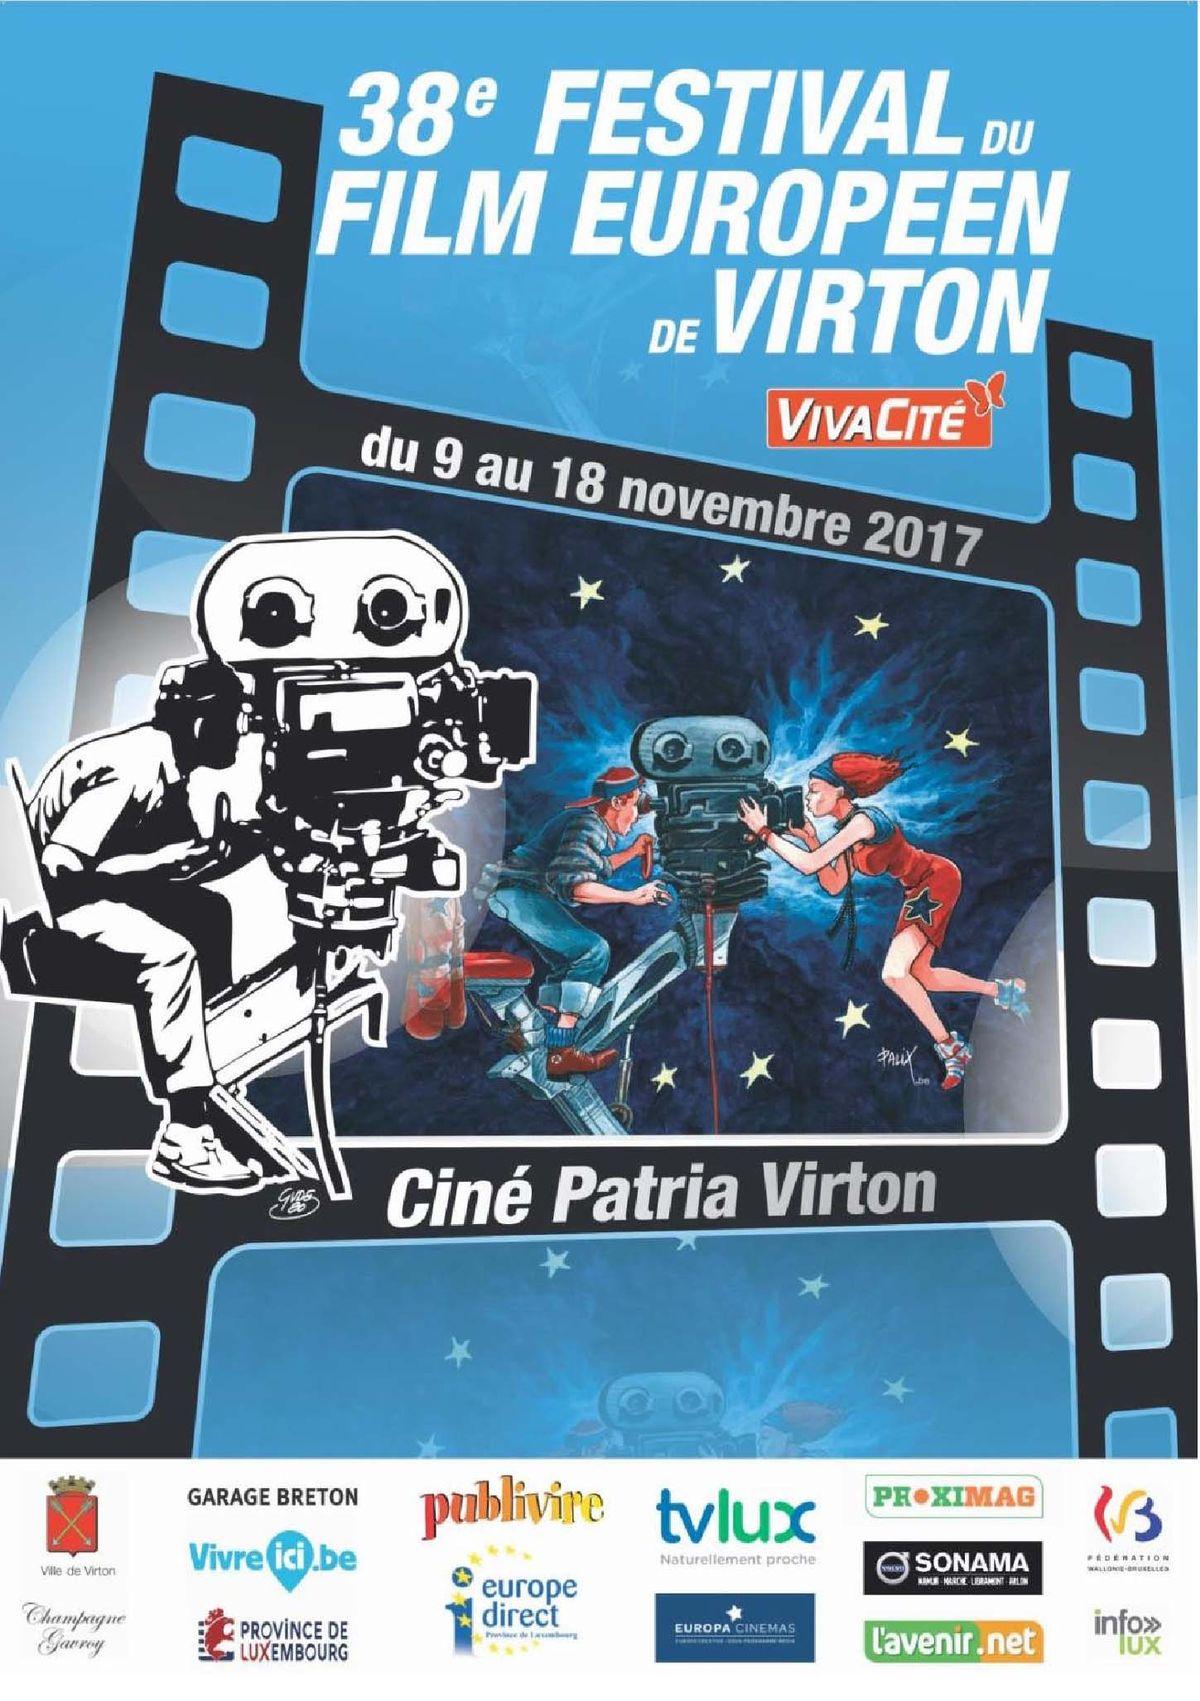 Festival du Film Européen de Virton